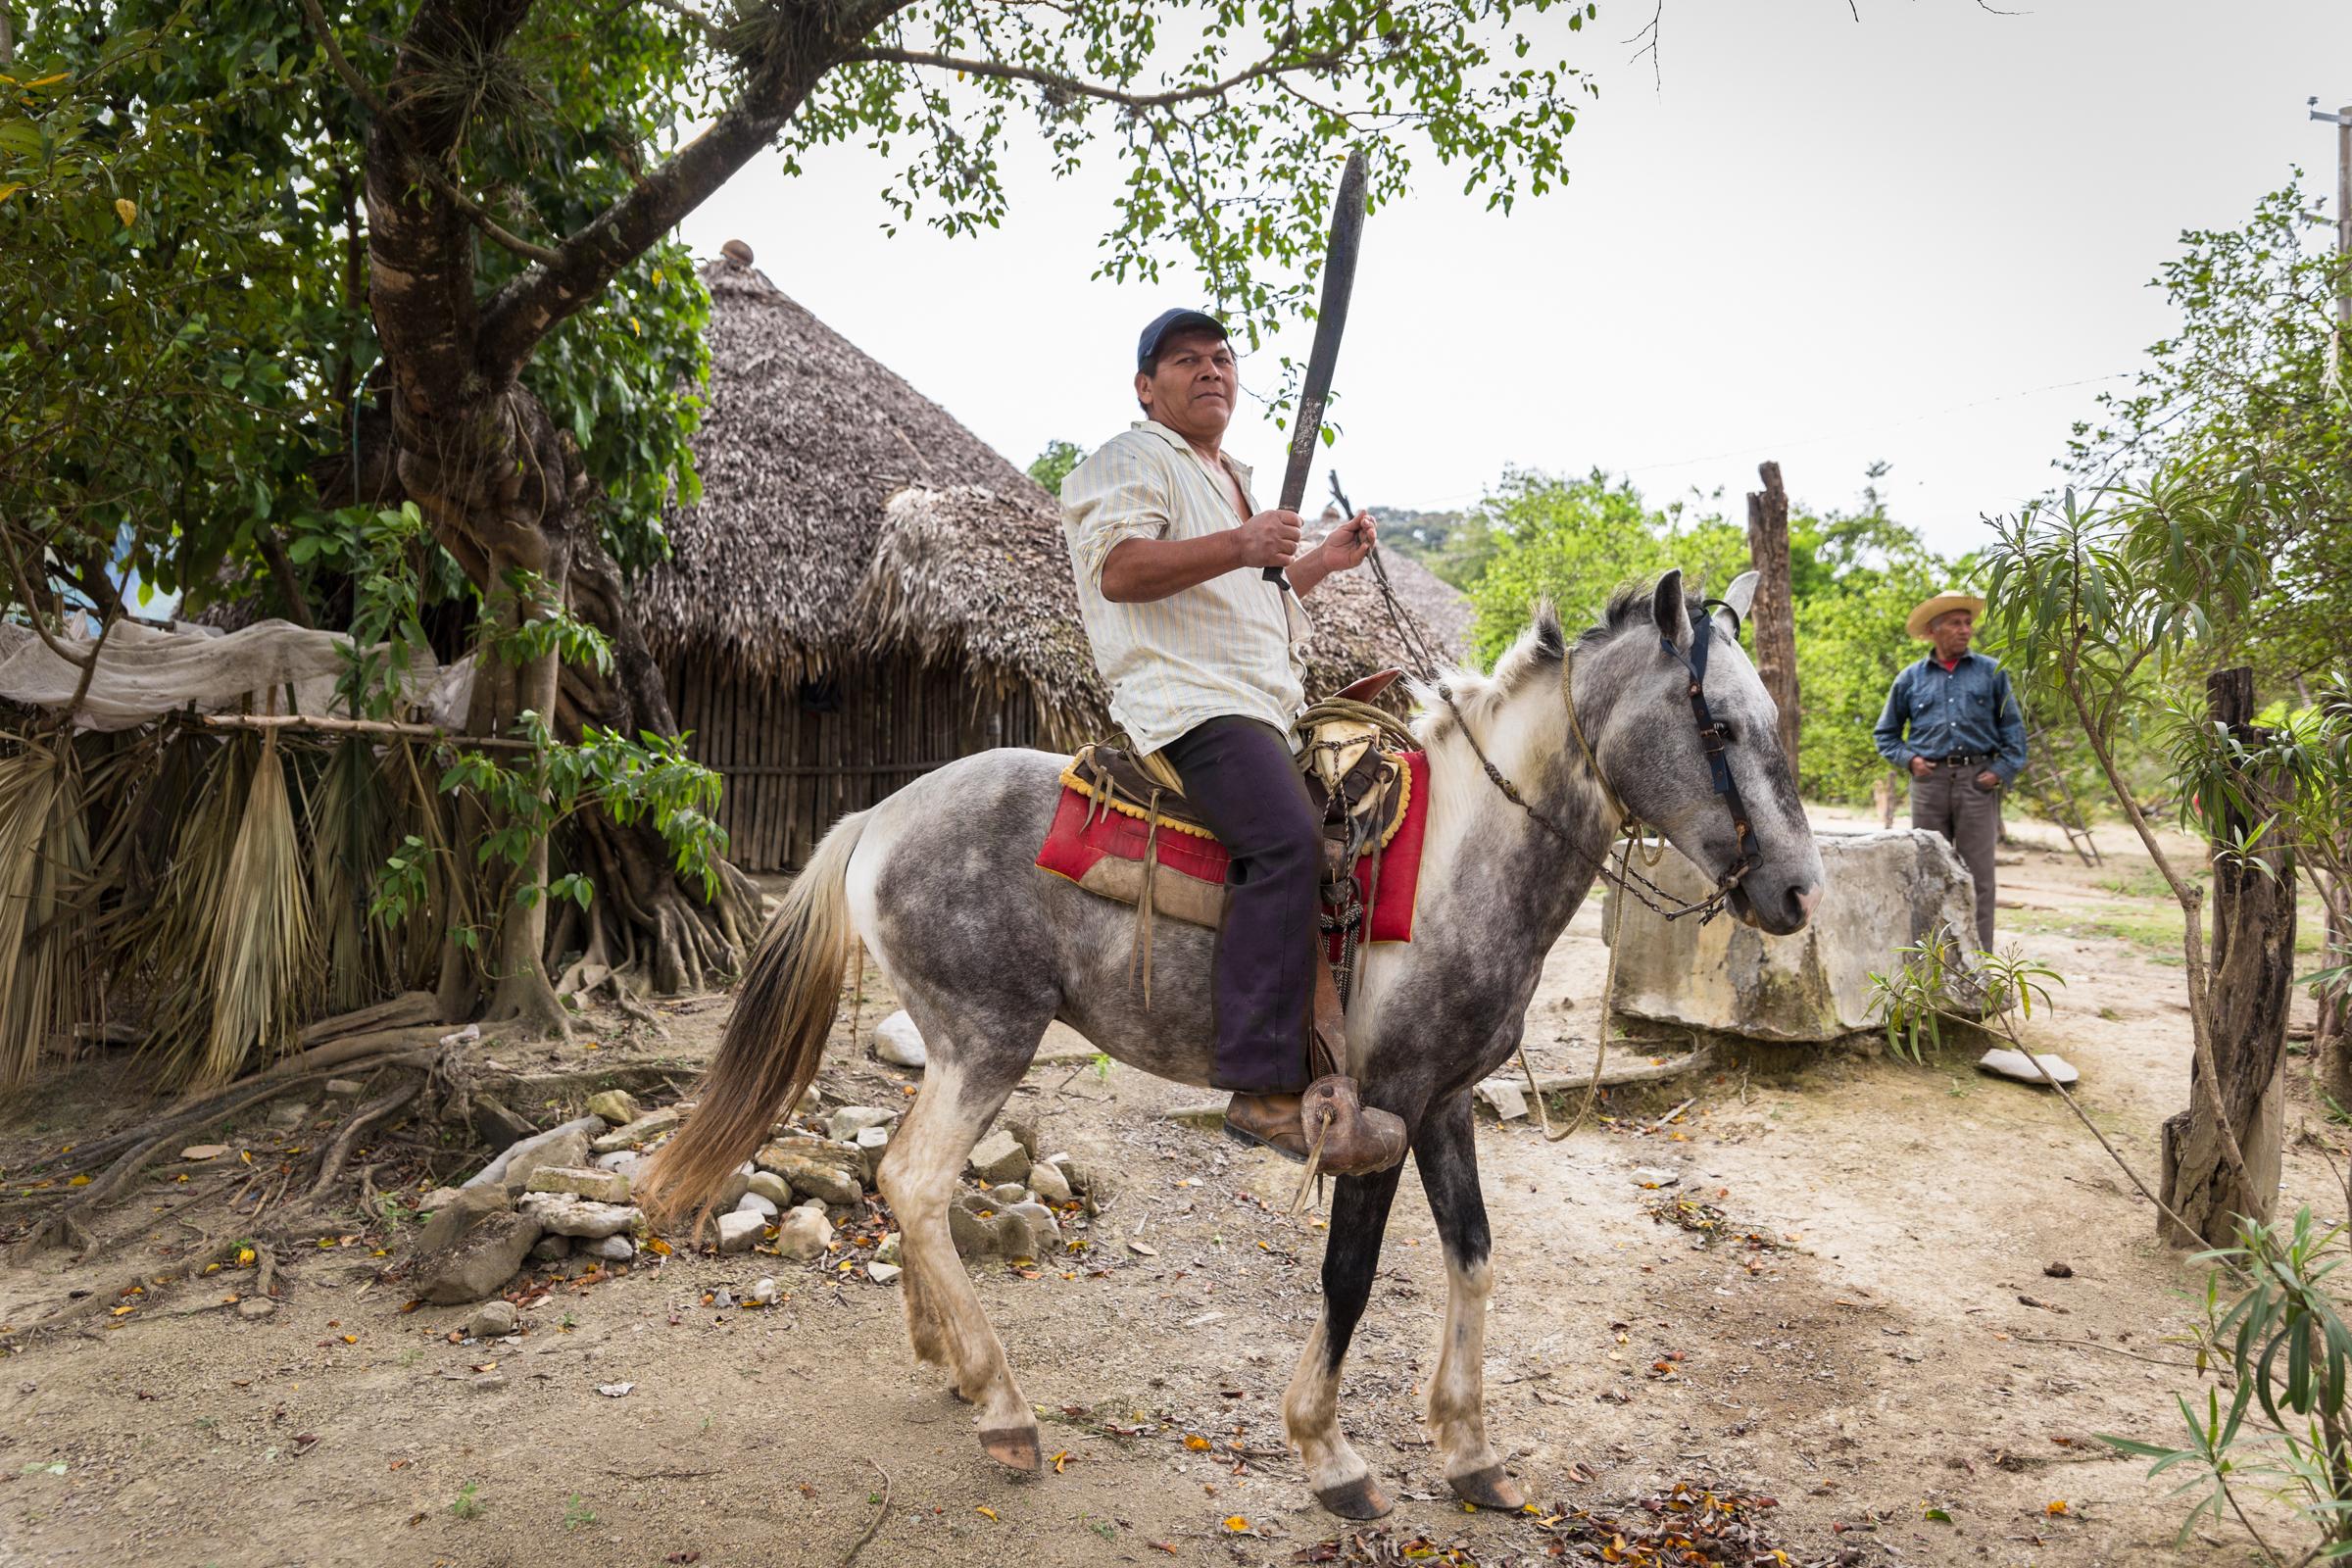 En las faldas de la Sierra Pila, habita la etnia Teenek, únicos de la zona que mantienen sus costumbres y características ancestrales, como sus casas con paredes de otate - bambú regional - , cubiertas con barro y su techo de palma en forma de cono.